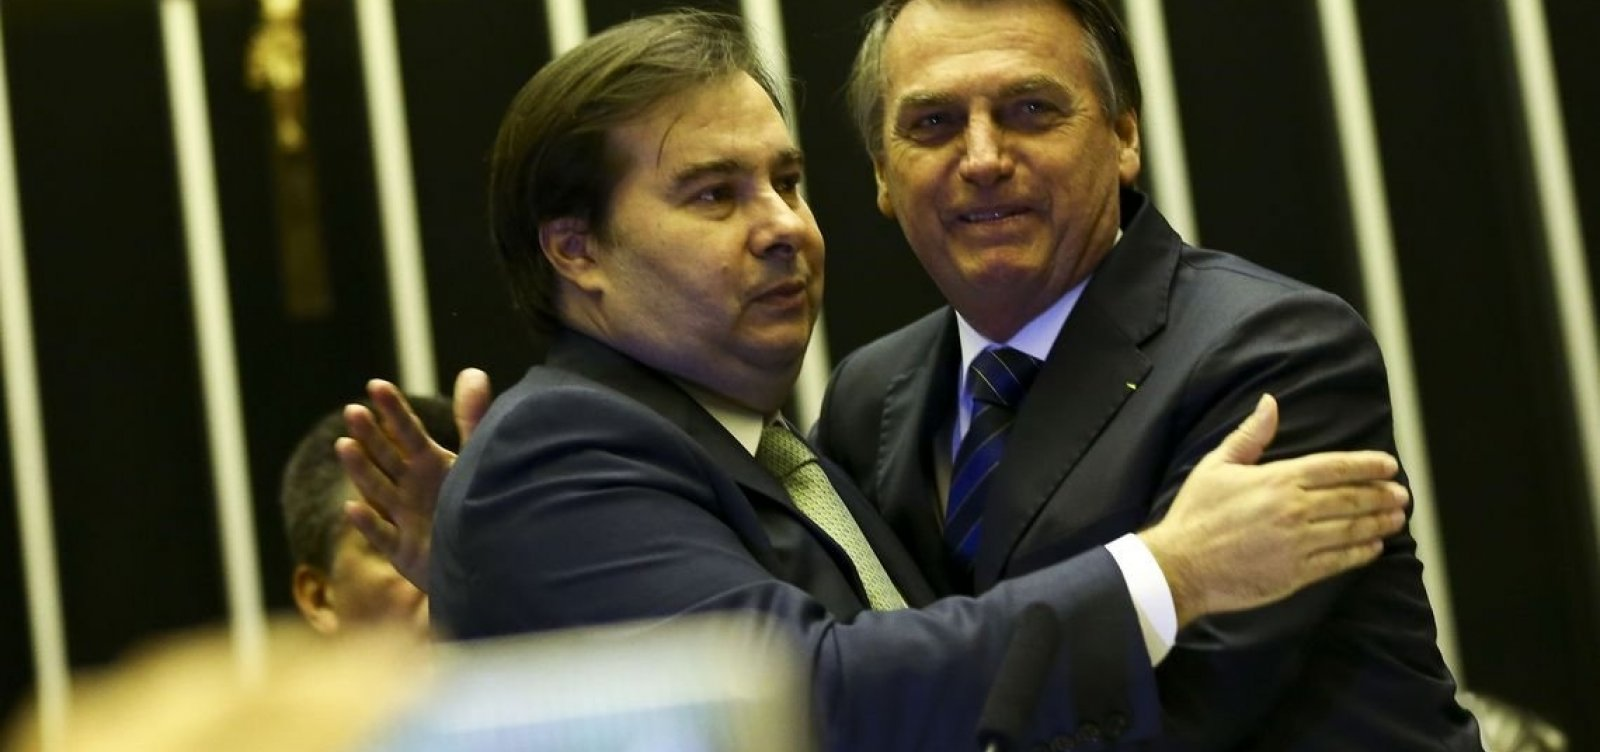 Maia critica vídeo de hienas publicado por Bolsonaro: 'Agressivo e desnecessário'